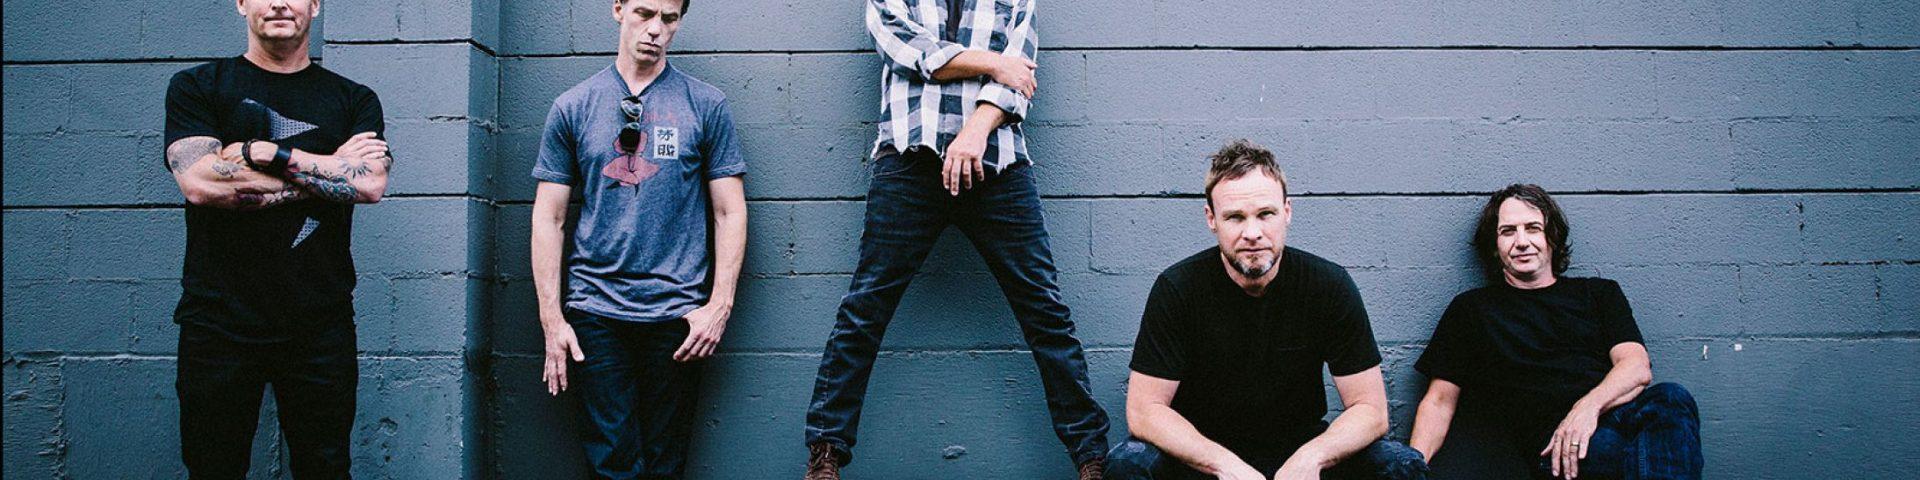 Pearl Jam a Imola nel 2020: come acquistare i biglietti con il fan club